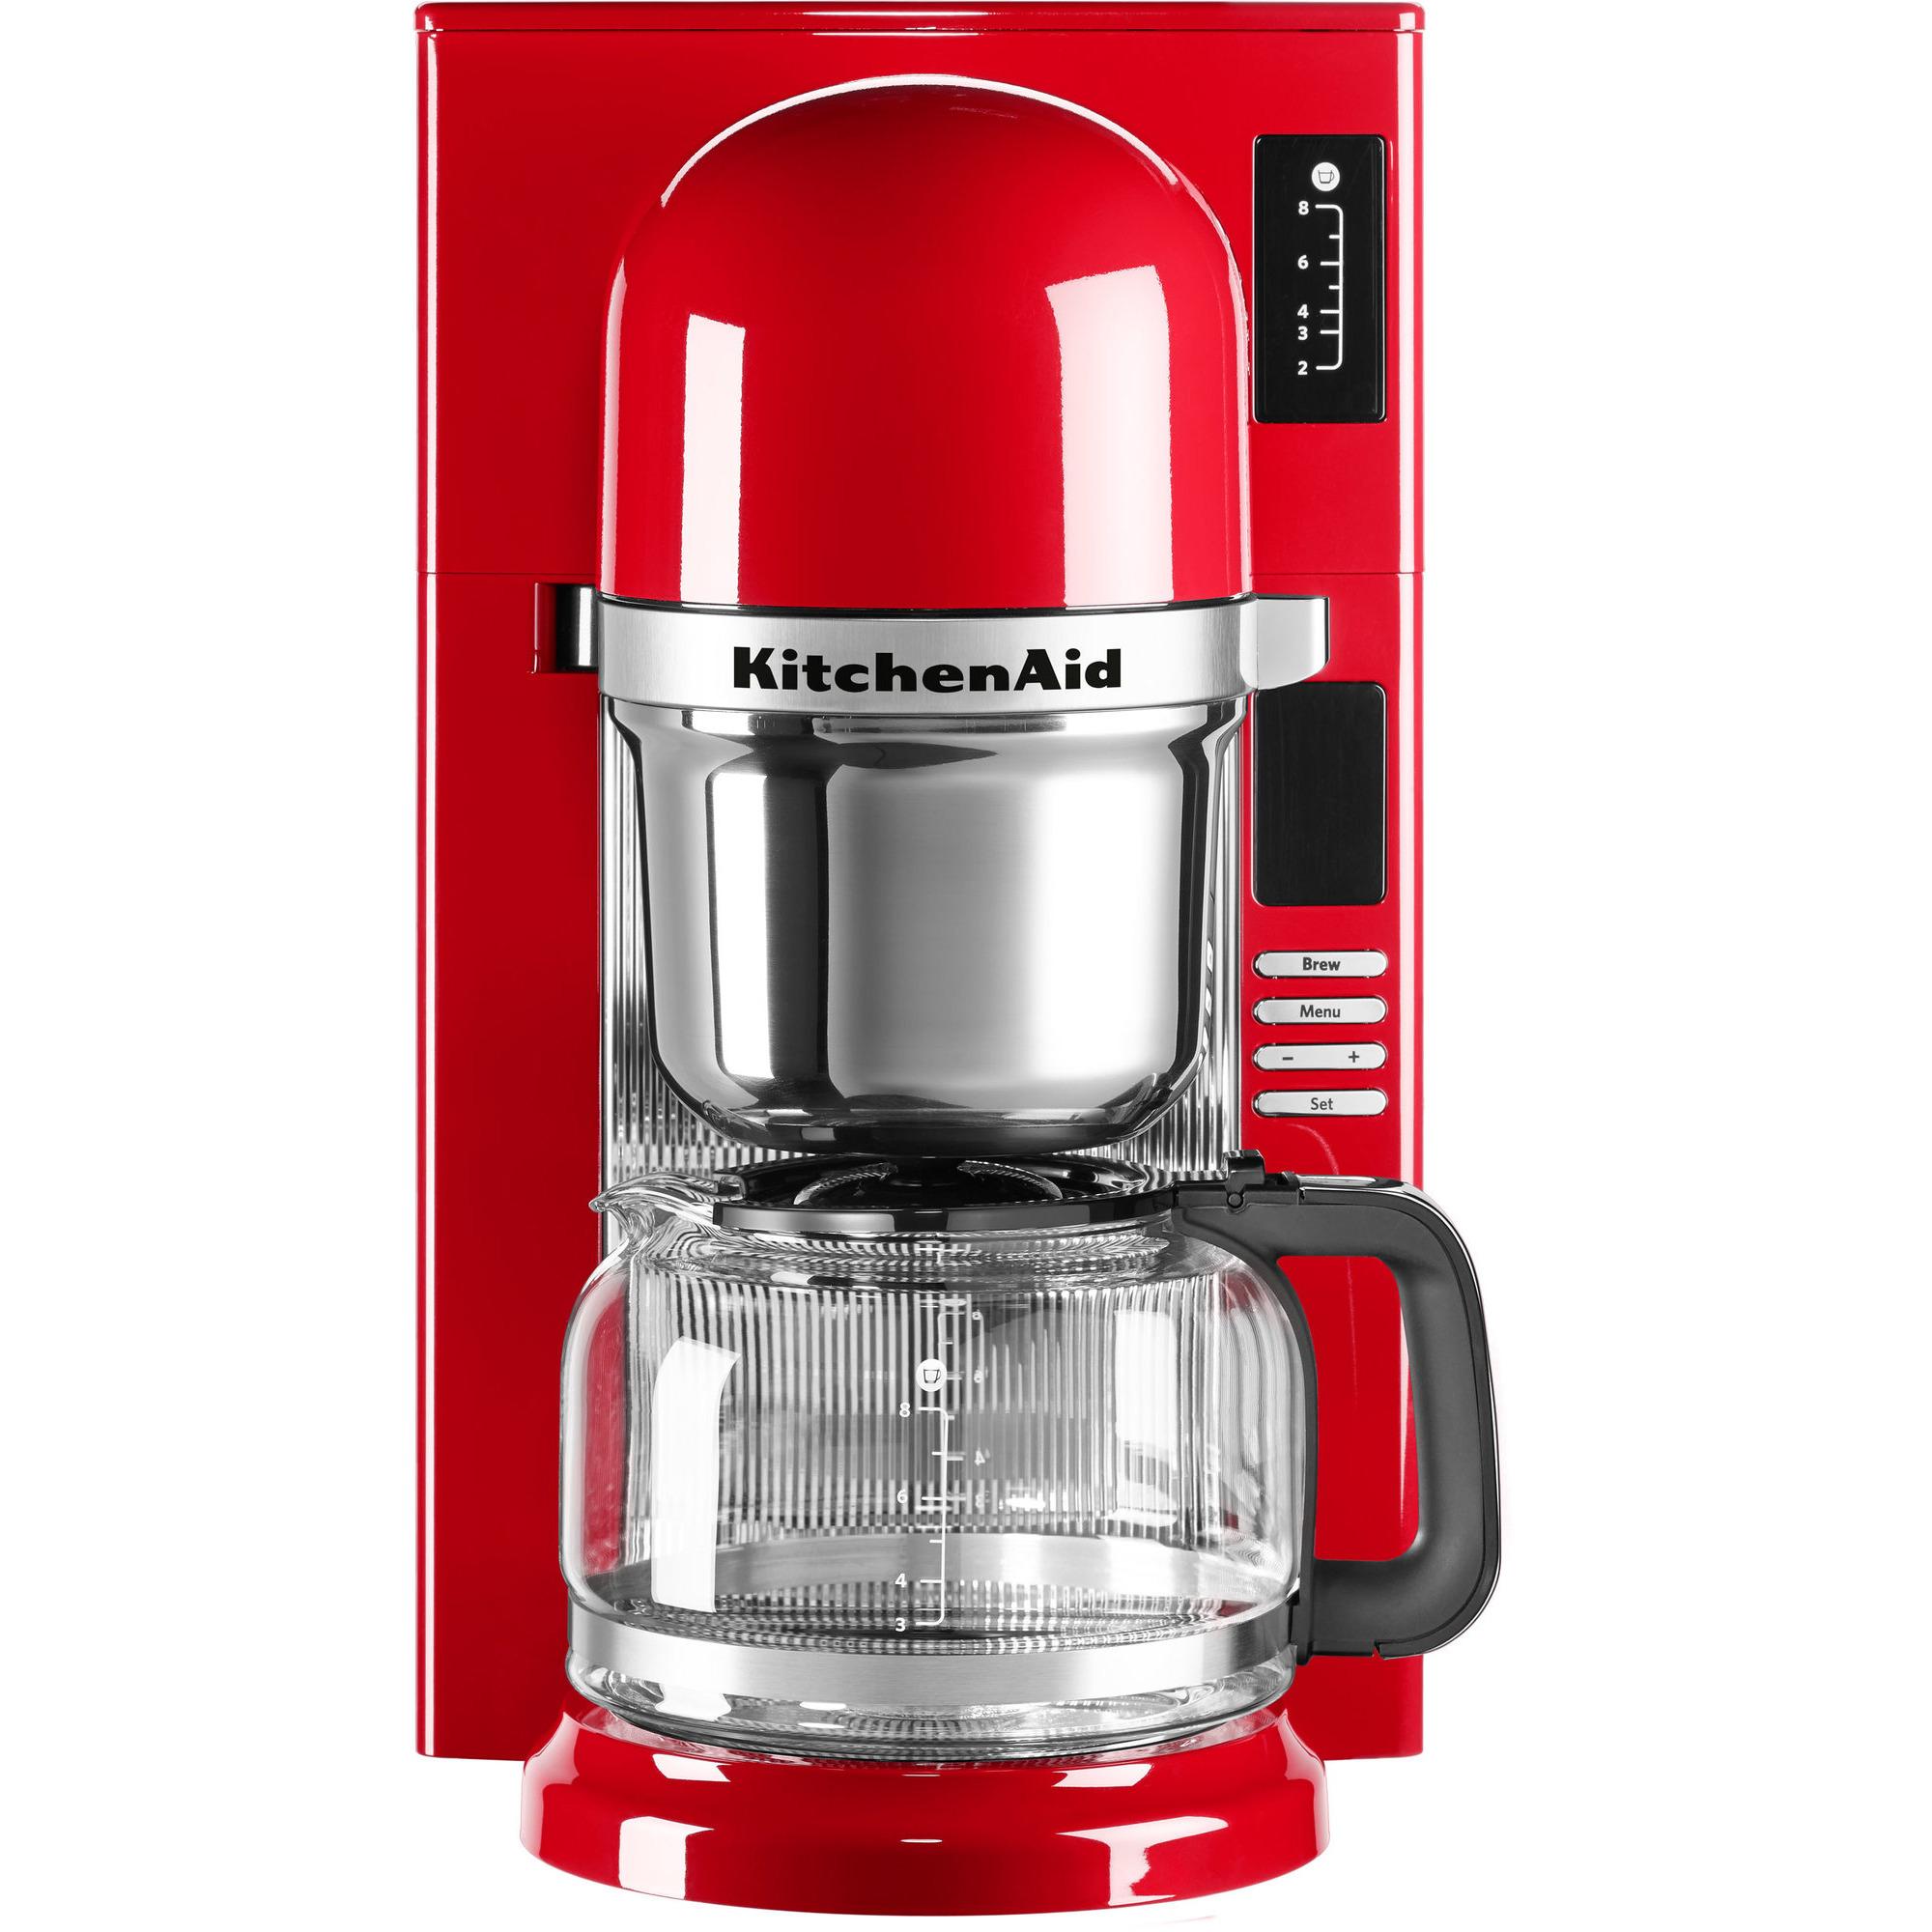 KitchenAid Kaffebryggare Röd